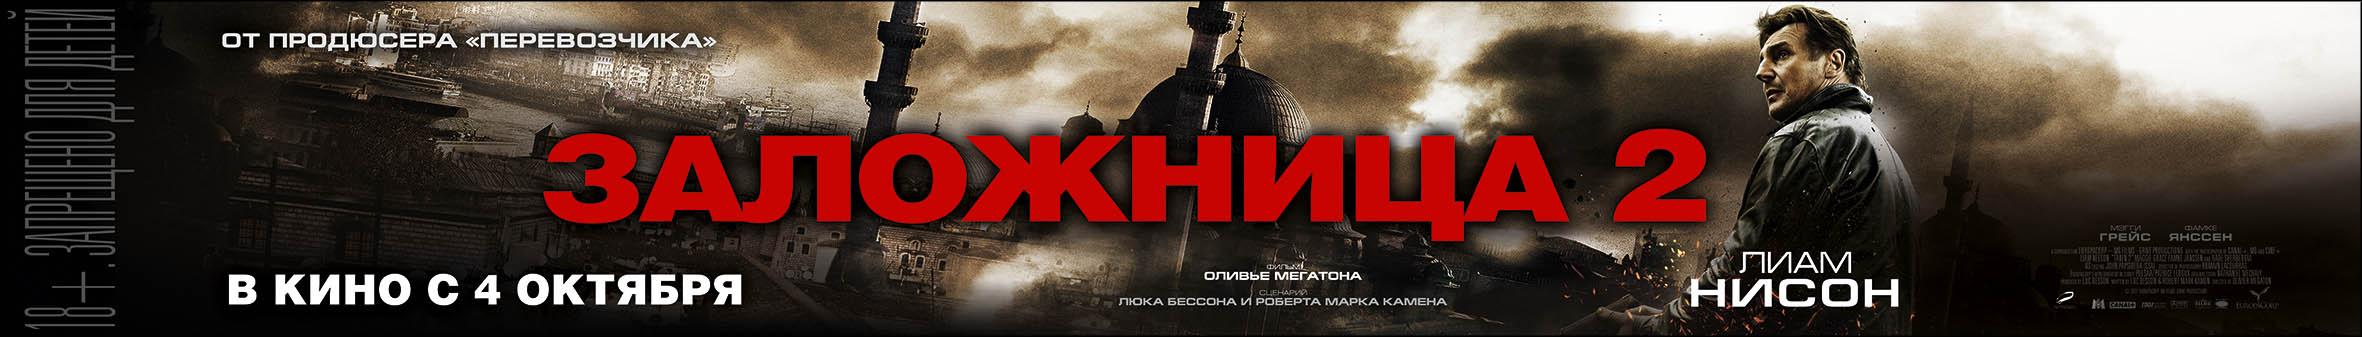 плакат фильма баннер локализованные Заложница 2